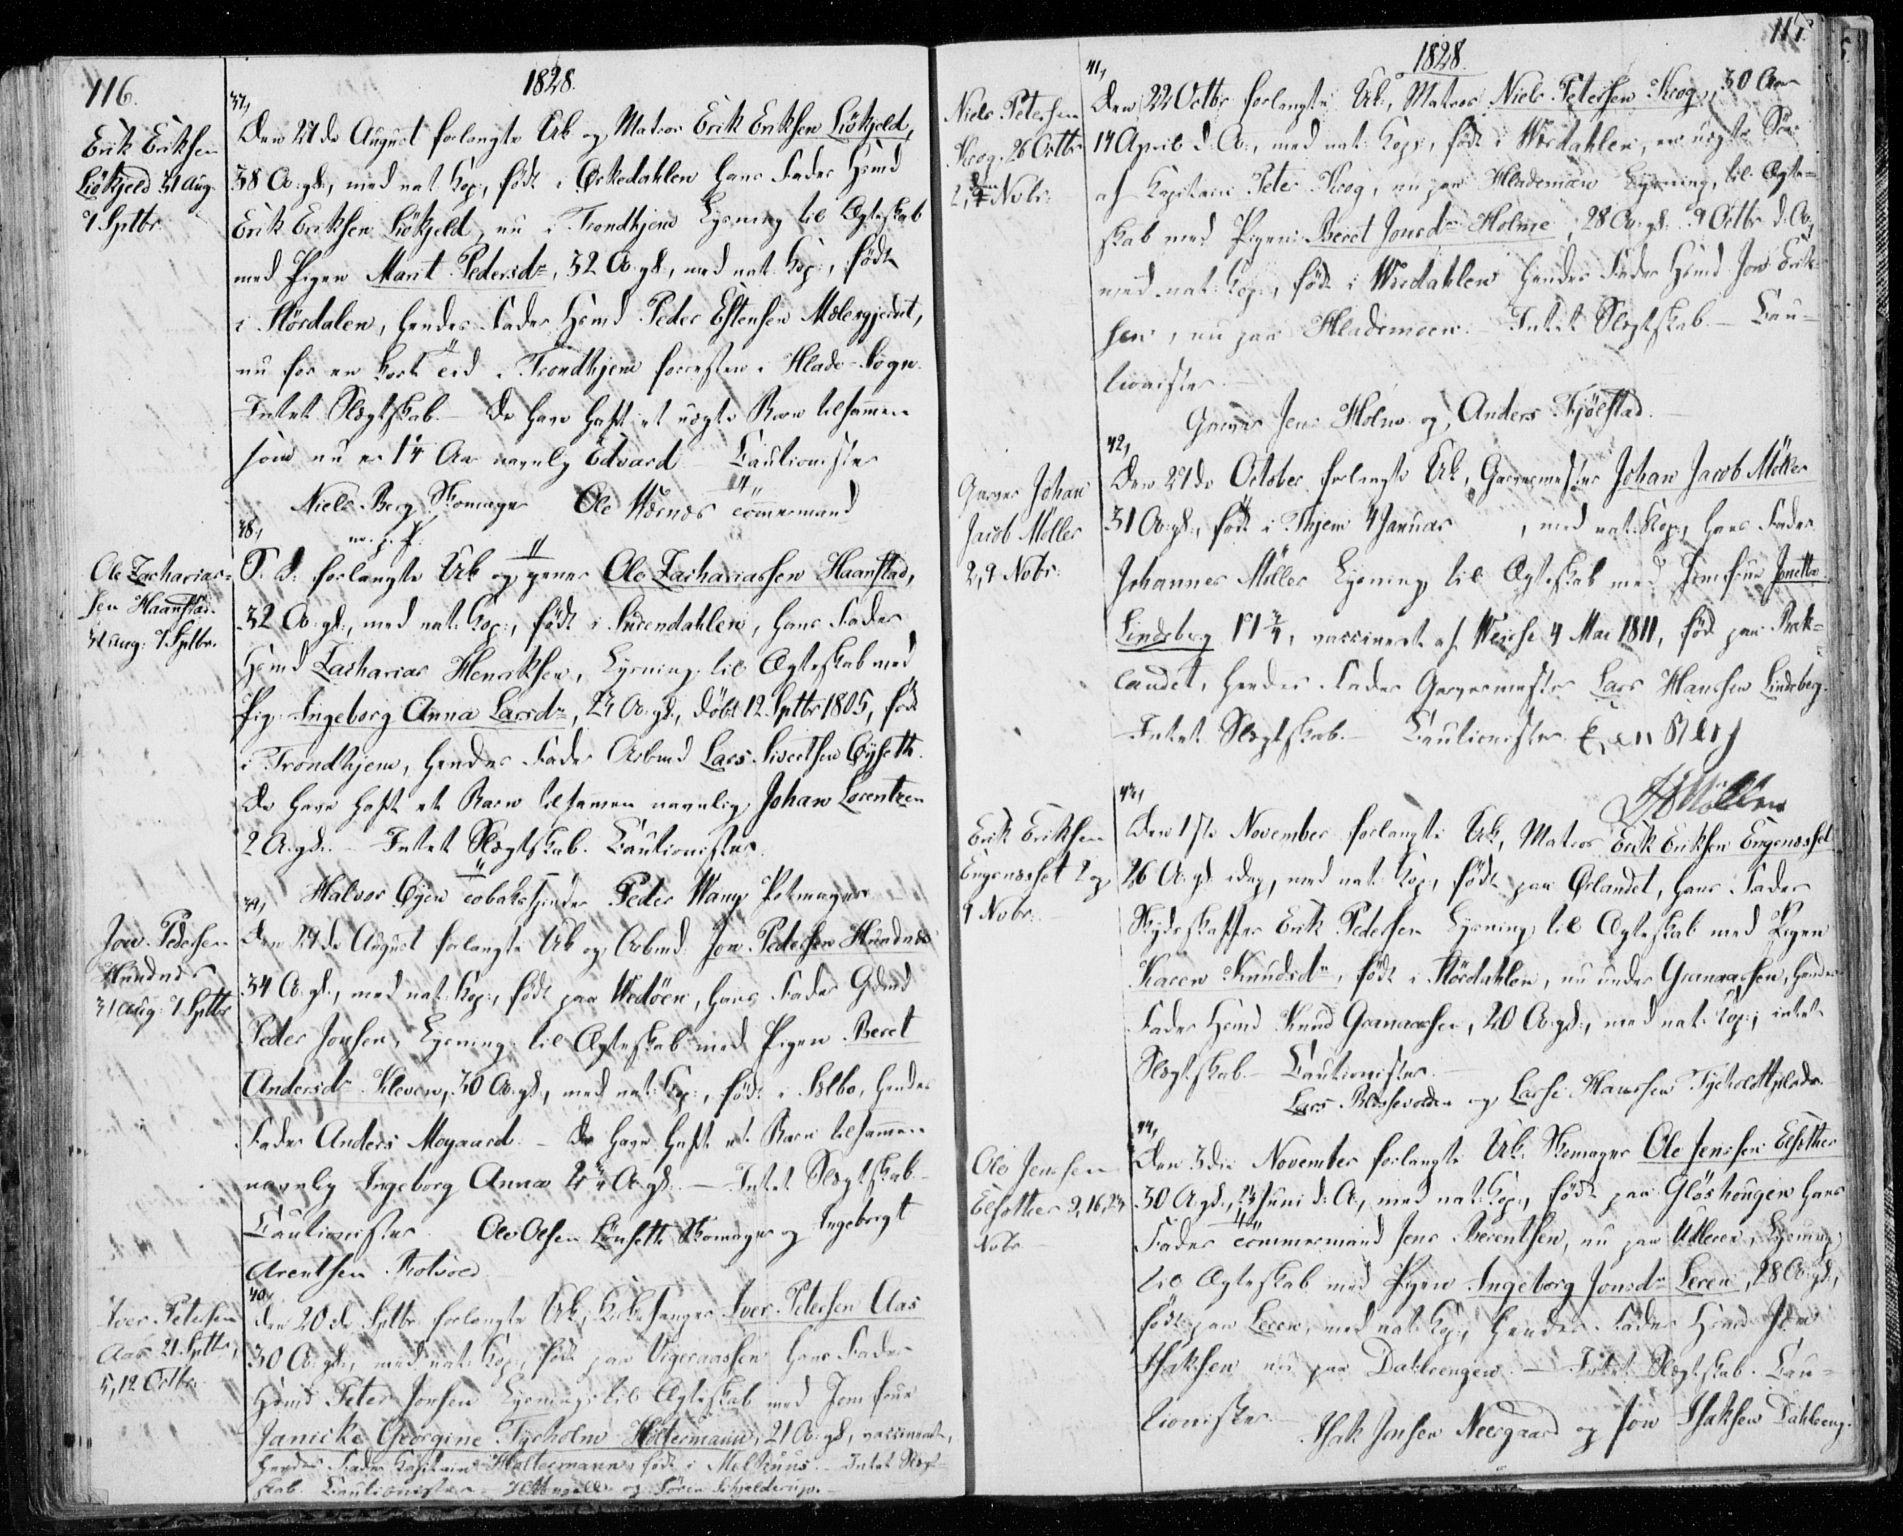 SAT, Ministerialprotokoller, klokkerbøker og fødselsregistre - Sør-Trøndelag, 606/L0295: Lysningsprotokoll nr. 606A10, 1815-1833, s. 116-117